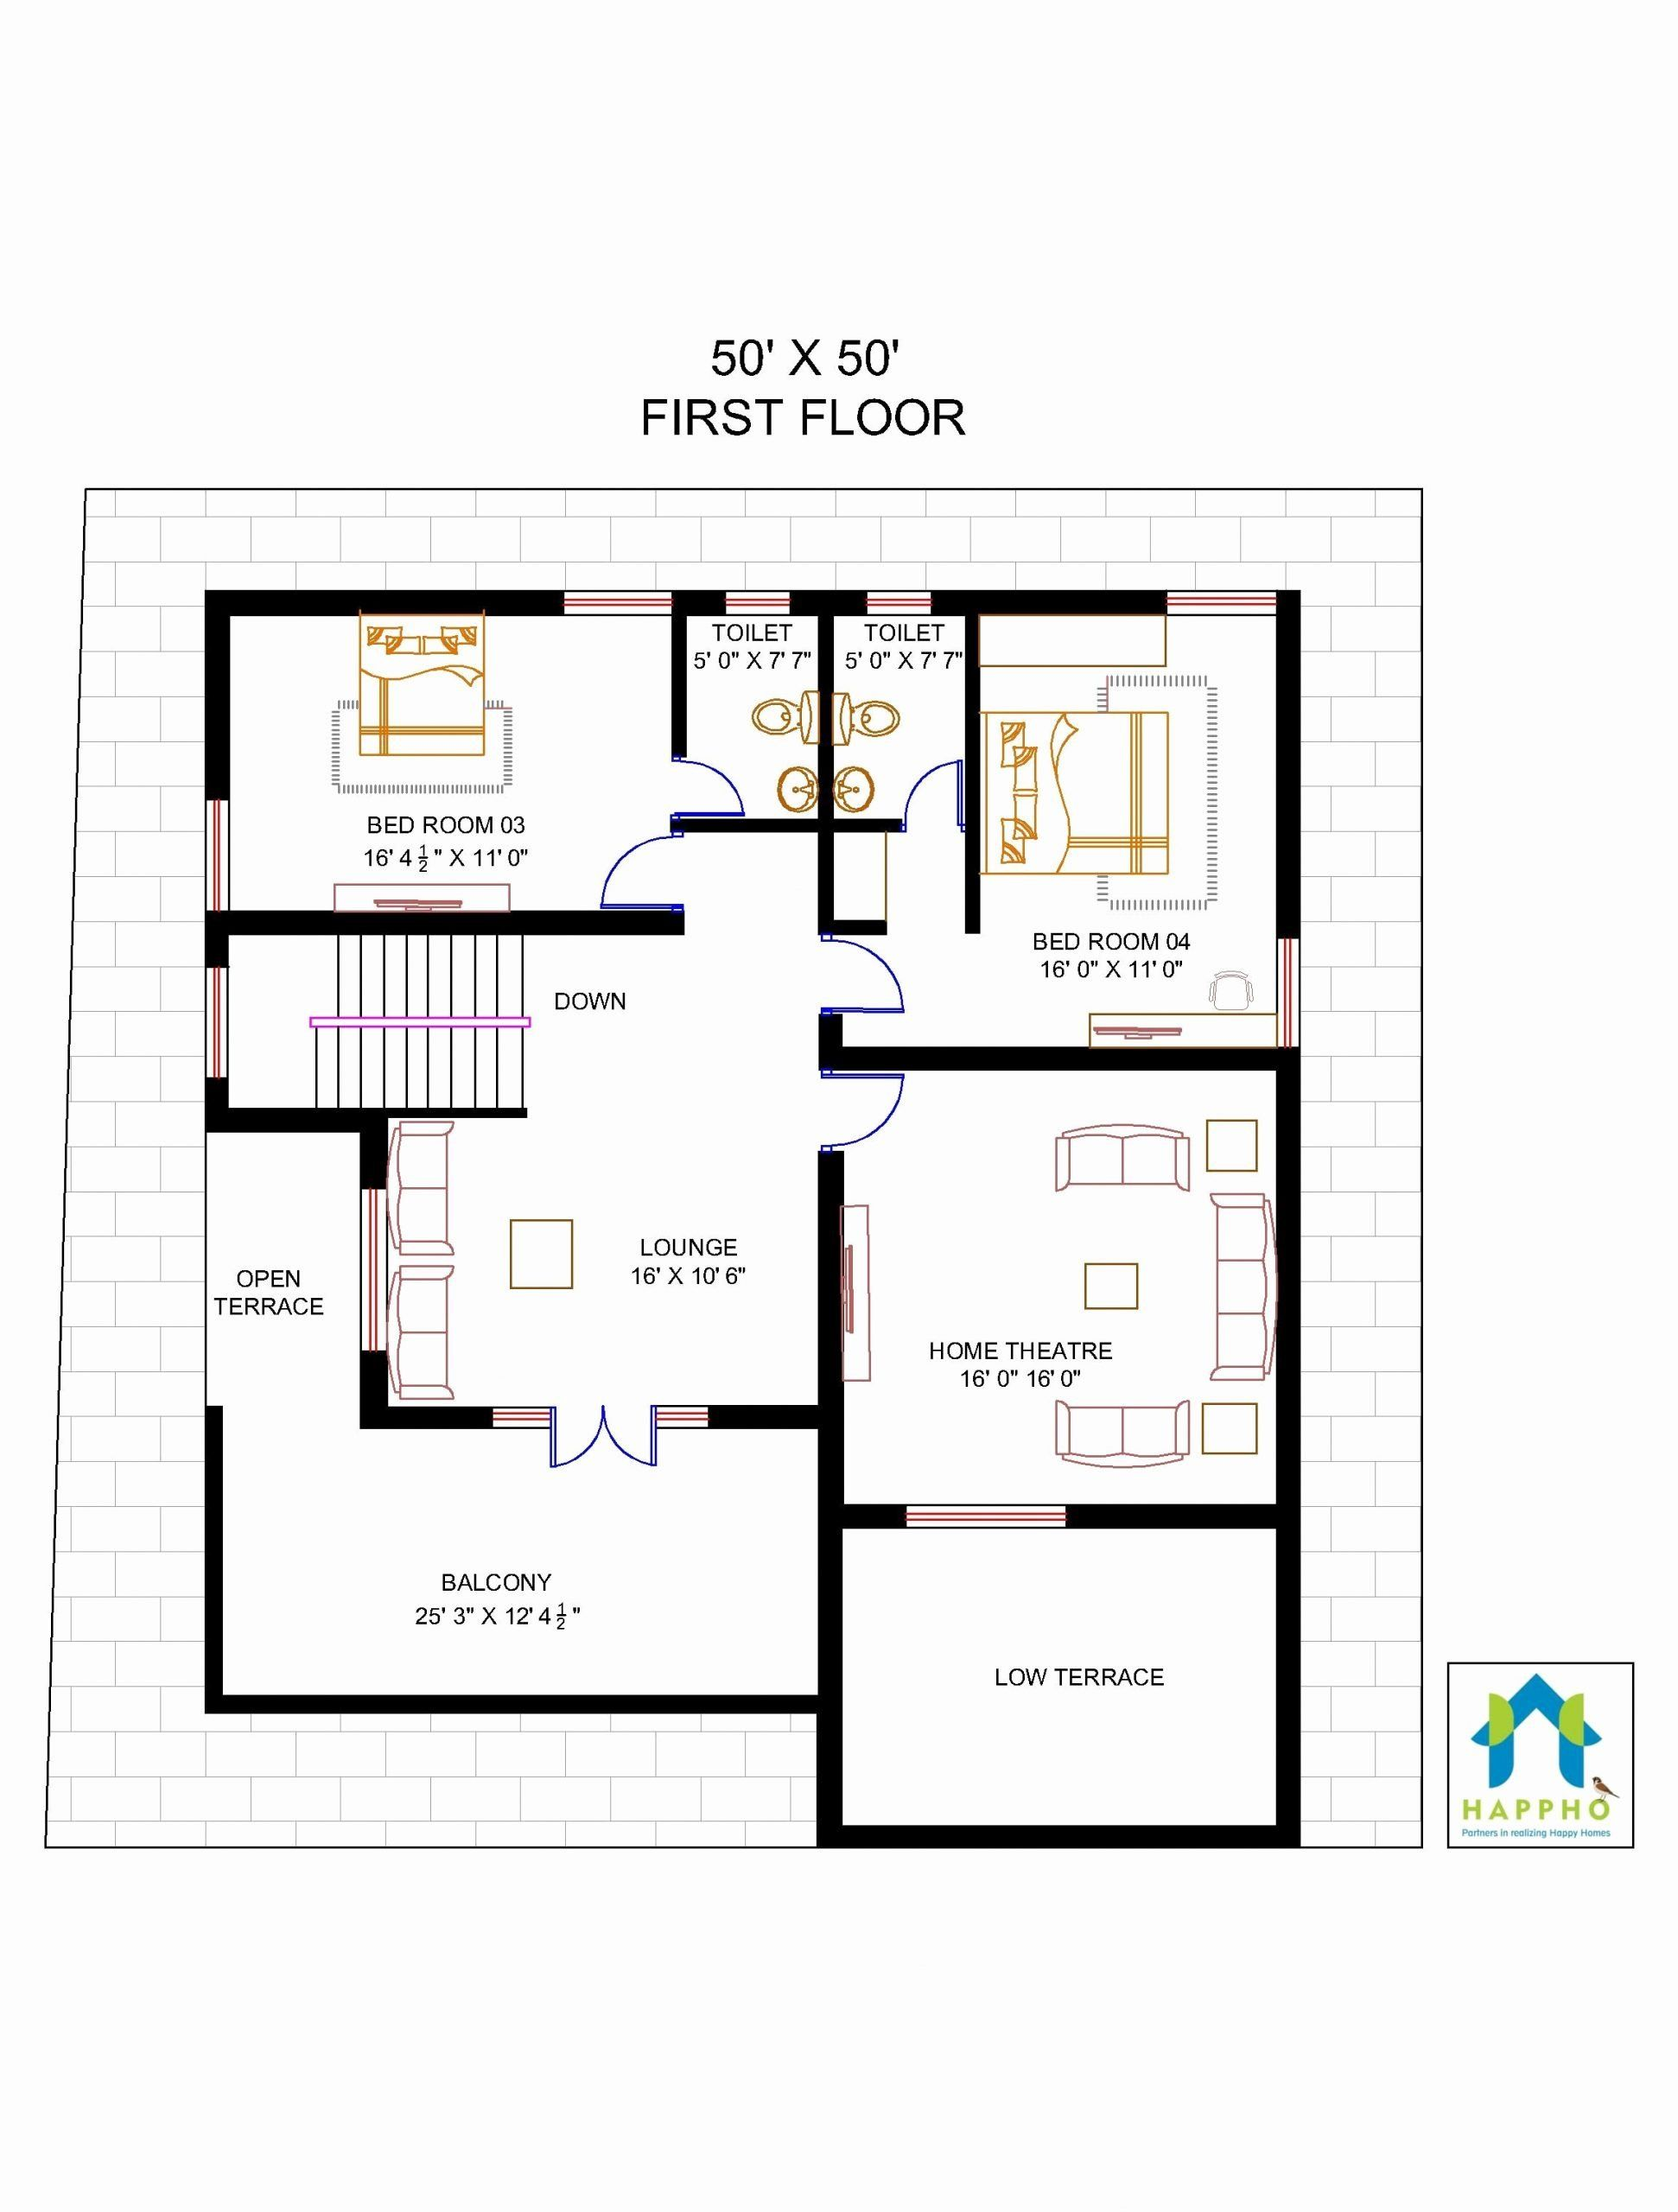 50 X 50 House Plans Elegant Floor Plan For 50 X 50 Plot Unique Floor Plans House Plans Floor Plans